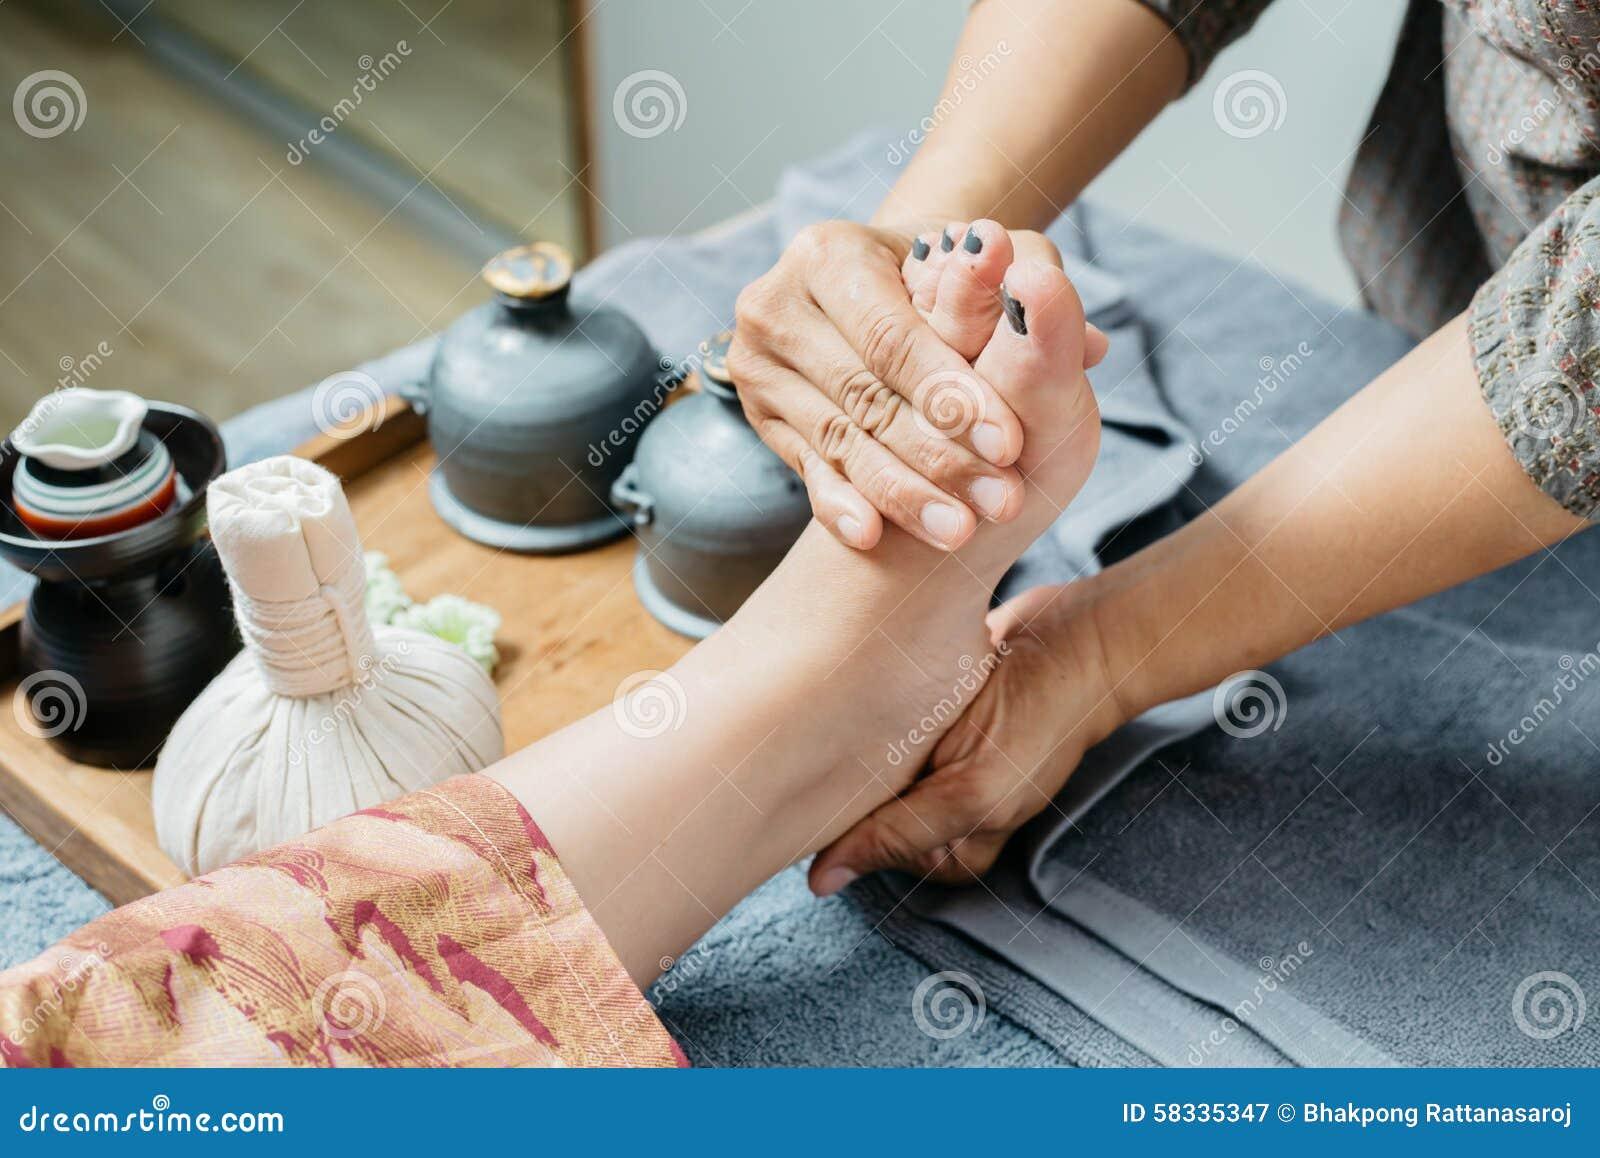 Thailändische Massage-Reihe